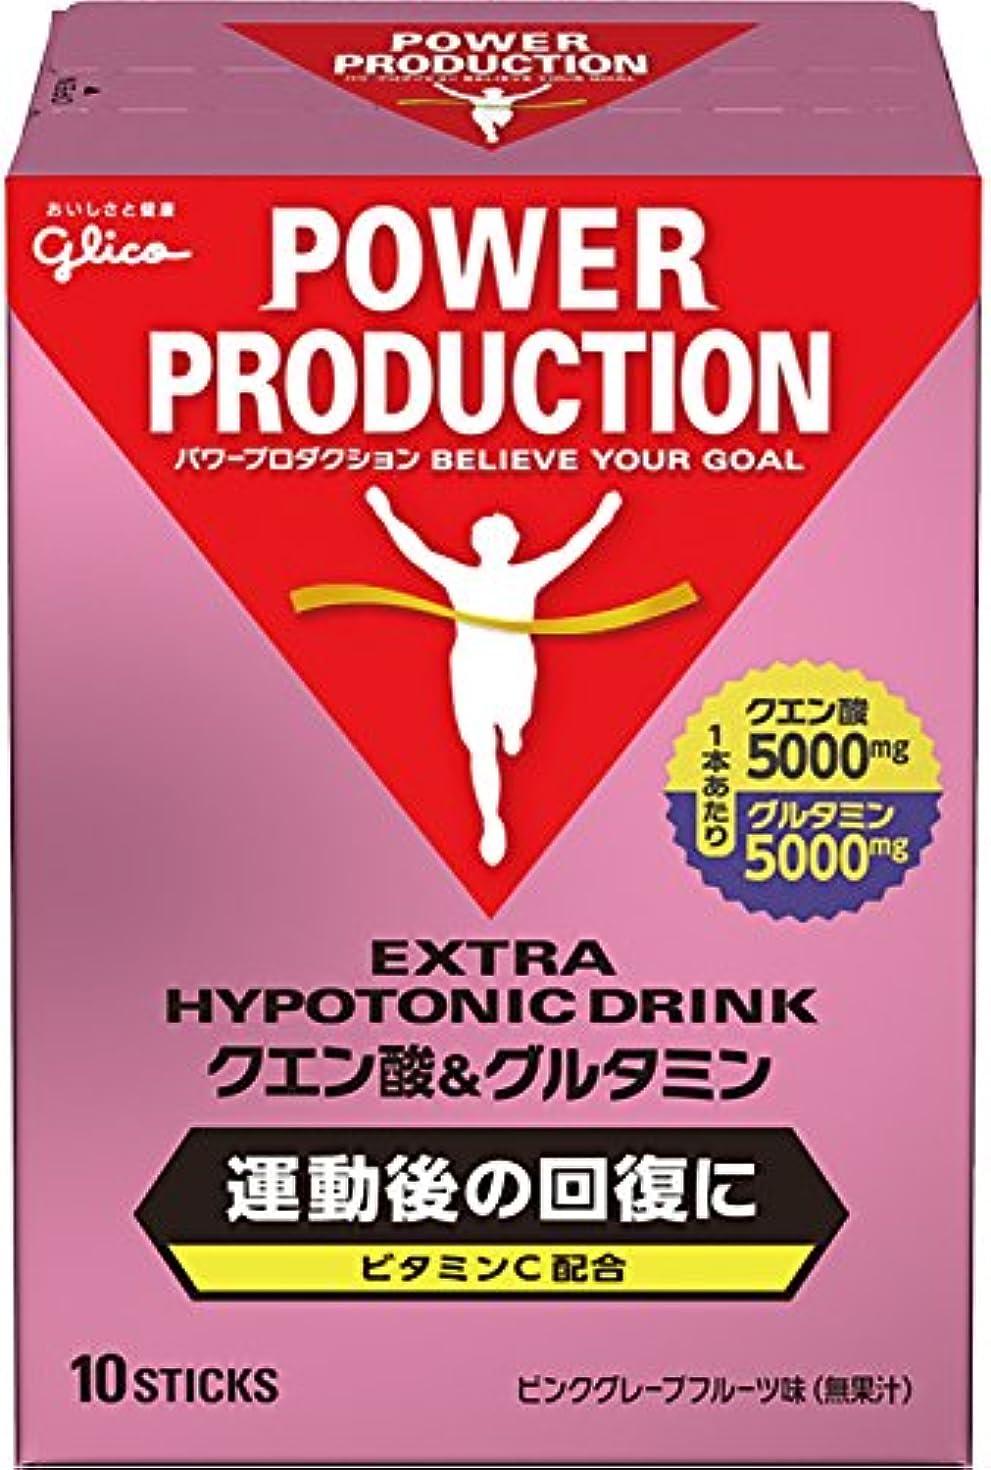 肥沃なセマフォ立法グリコ パワープロダクション エキストラ ハイポトニックドリンク クエン酸&グルタミン ピンクグレープフルーツ味 1袋 (12.4g) 10本